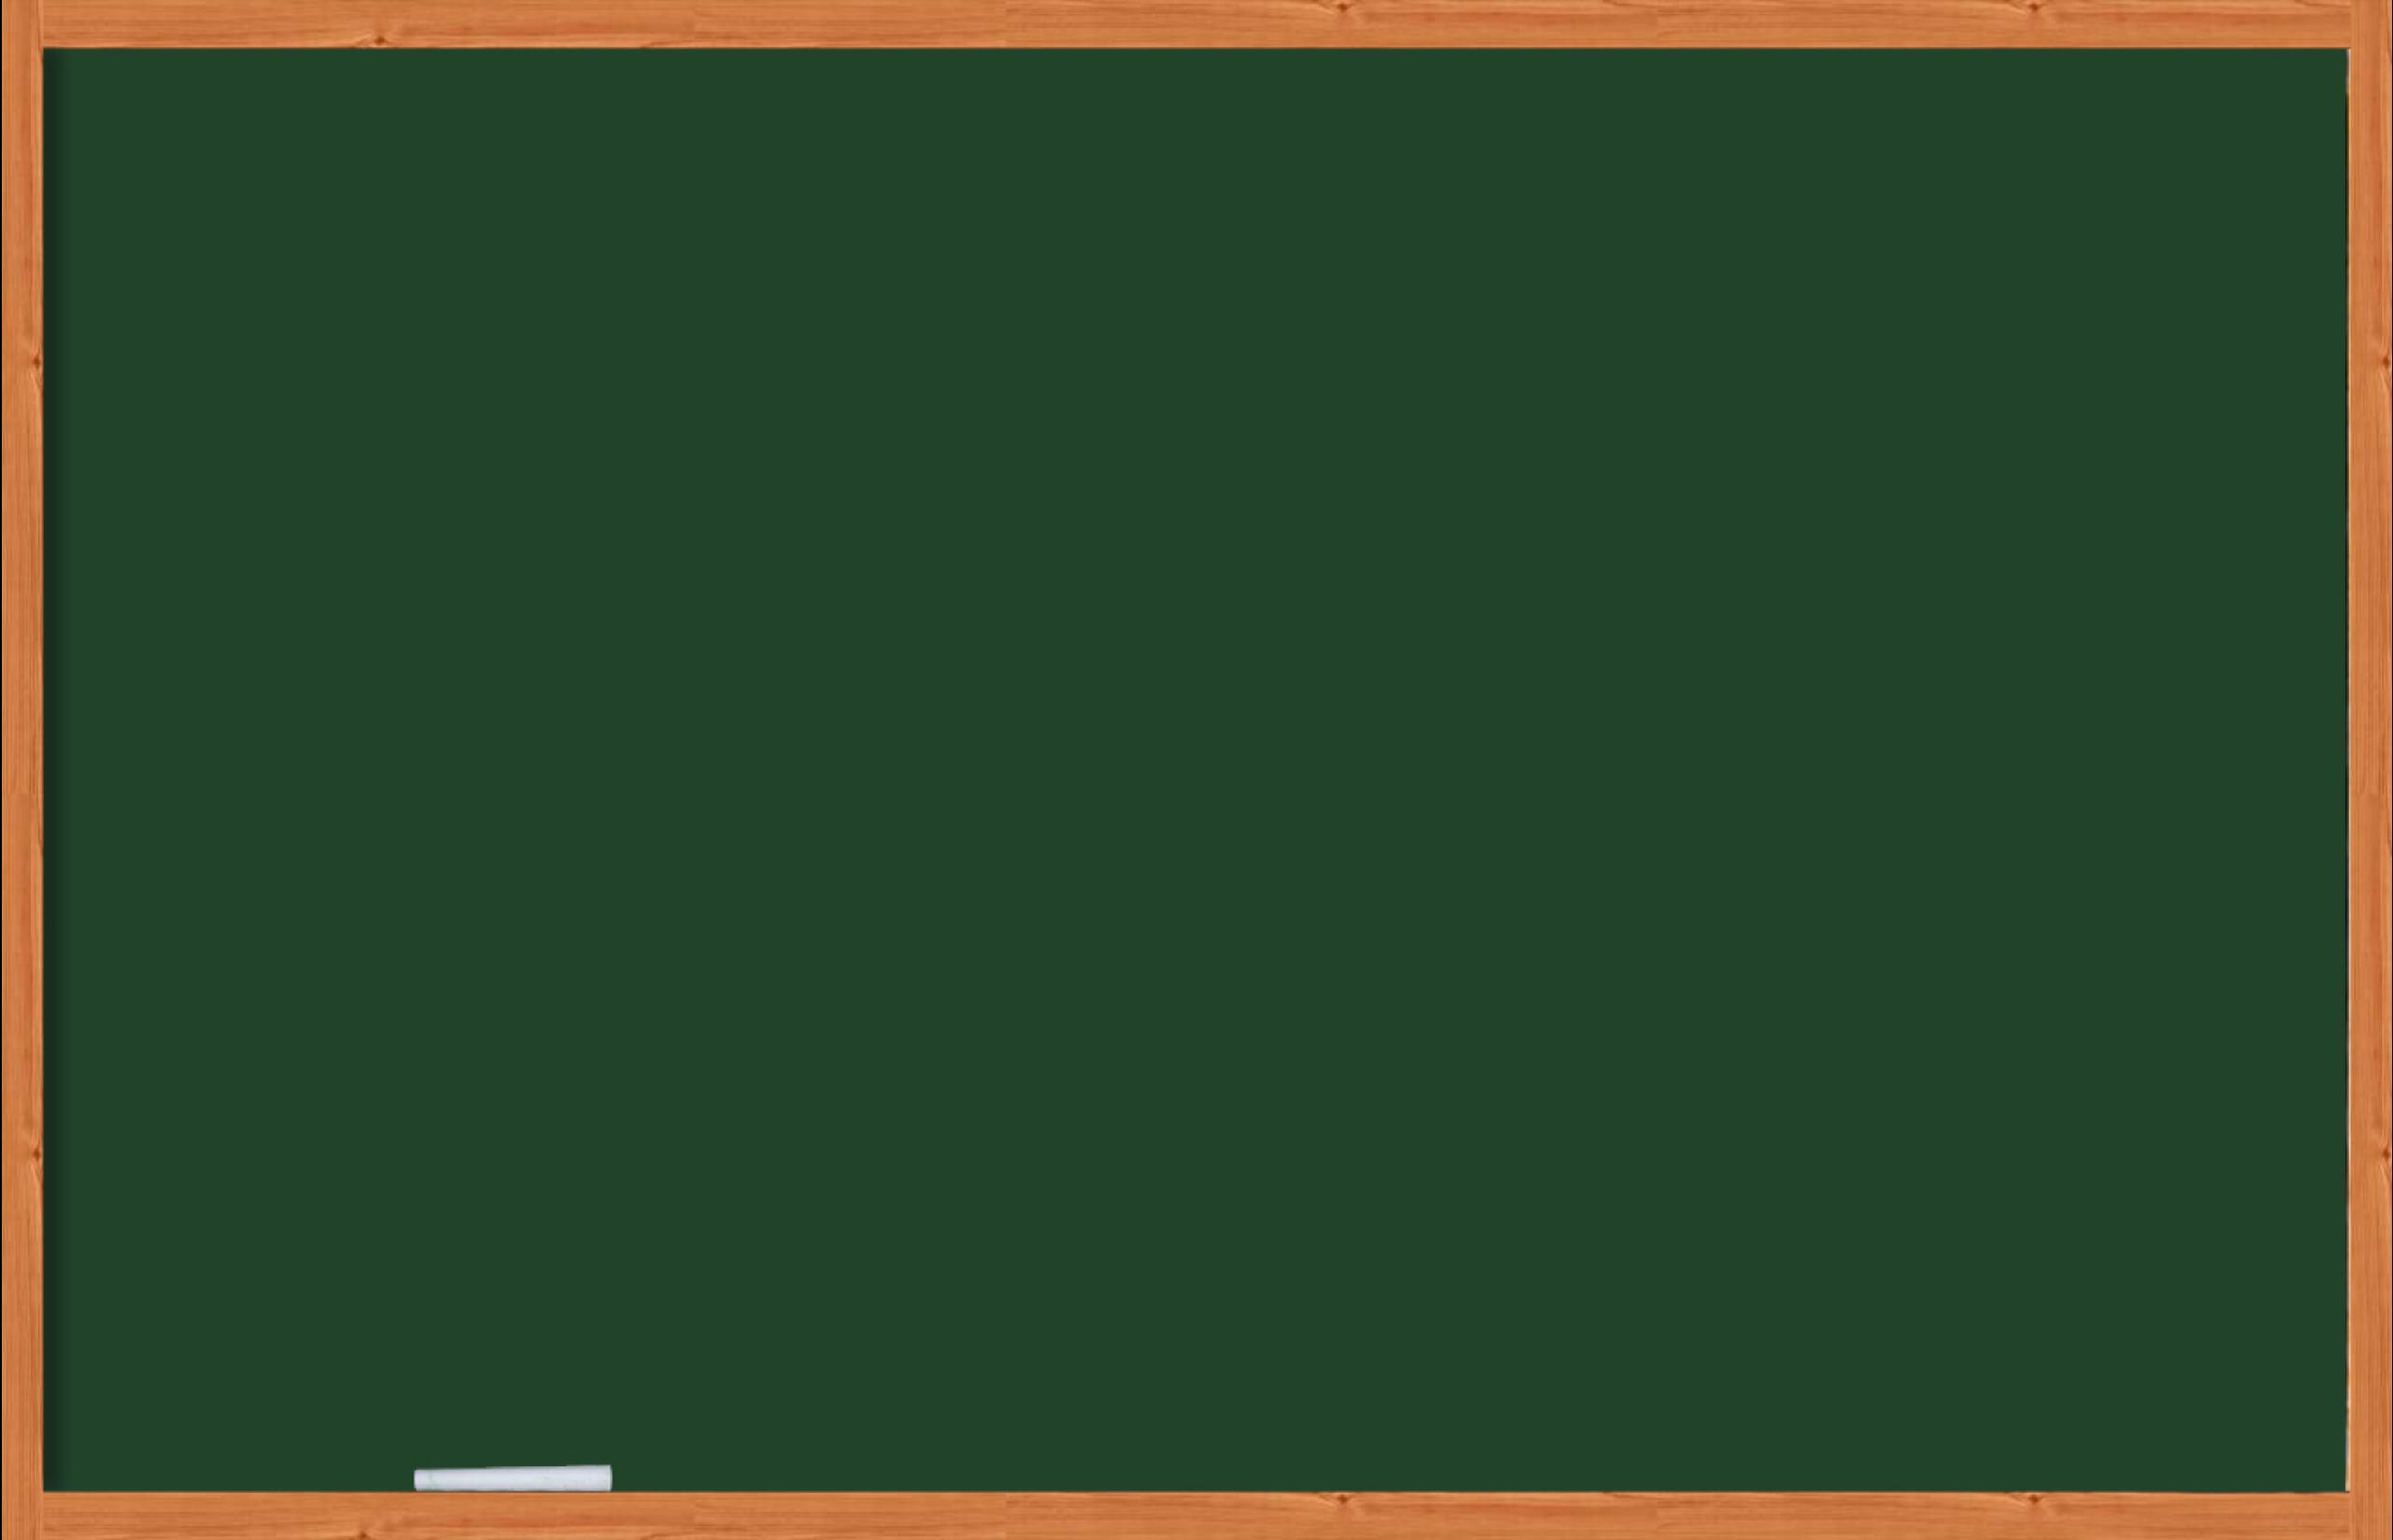 高中数学对数与对数函数-虎斑教育